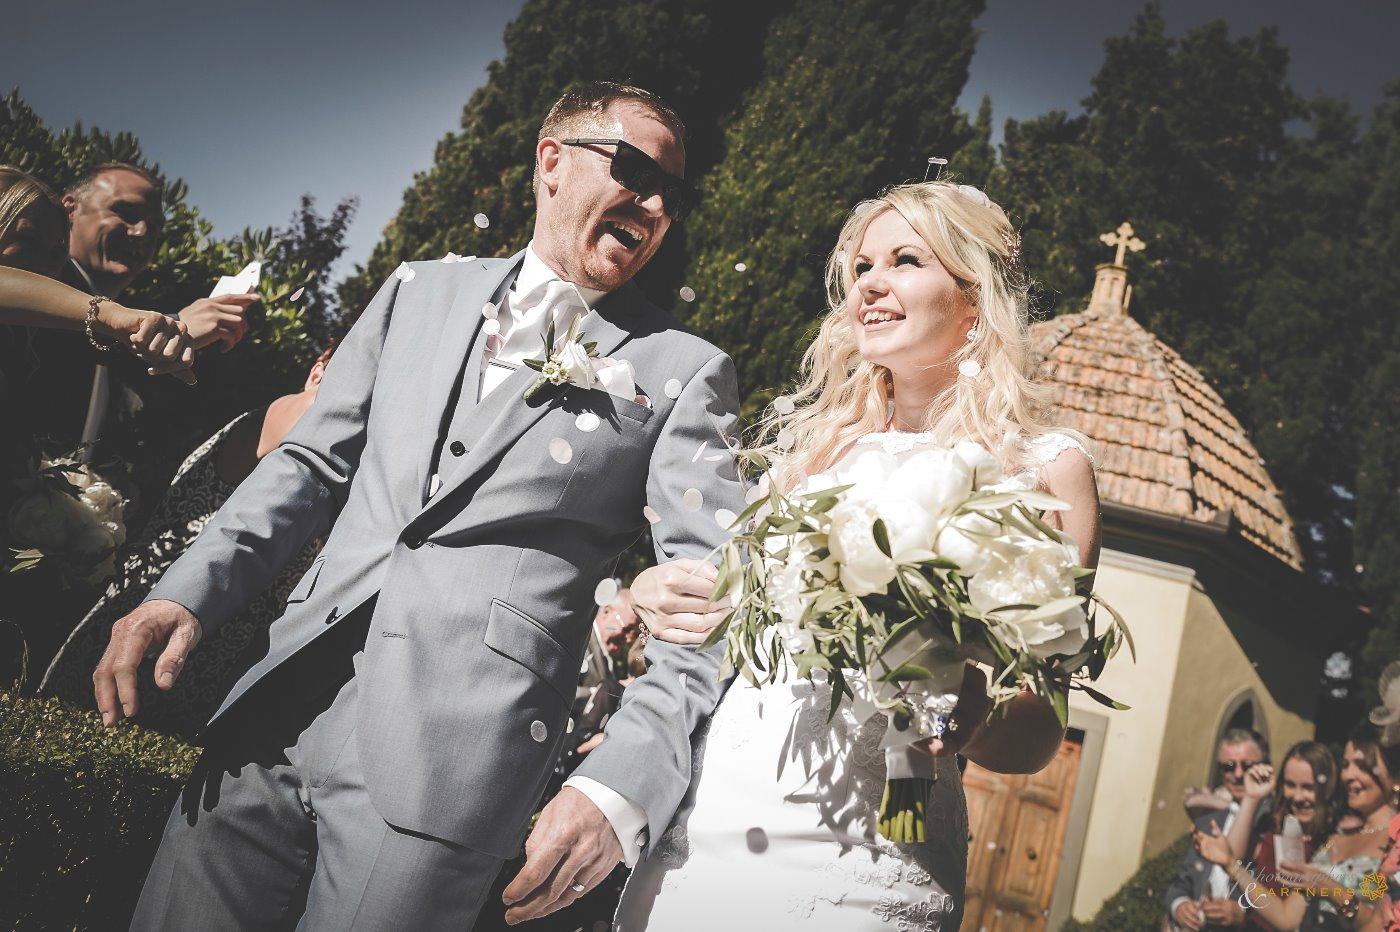 photography_weddings_bucciano_10.jpg